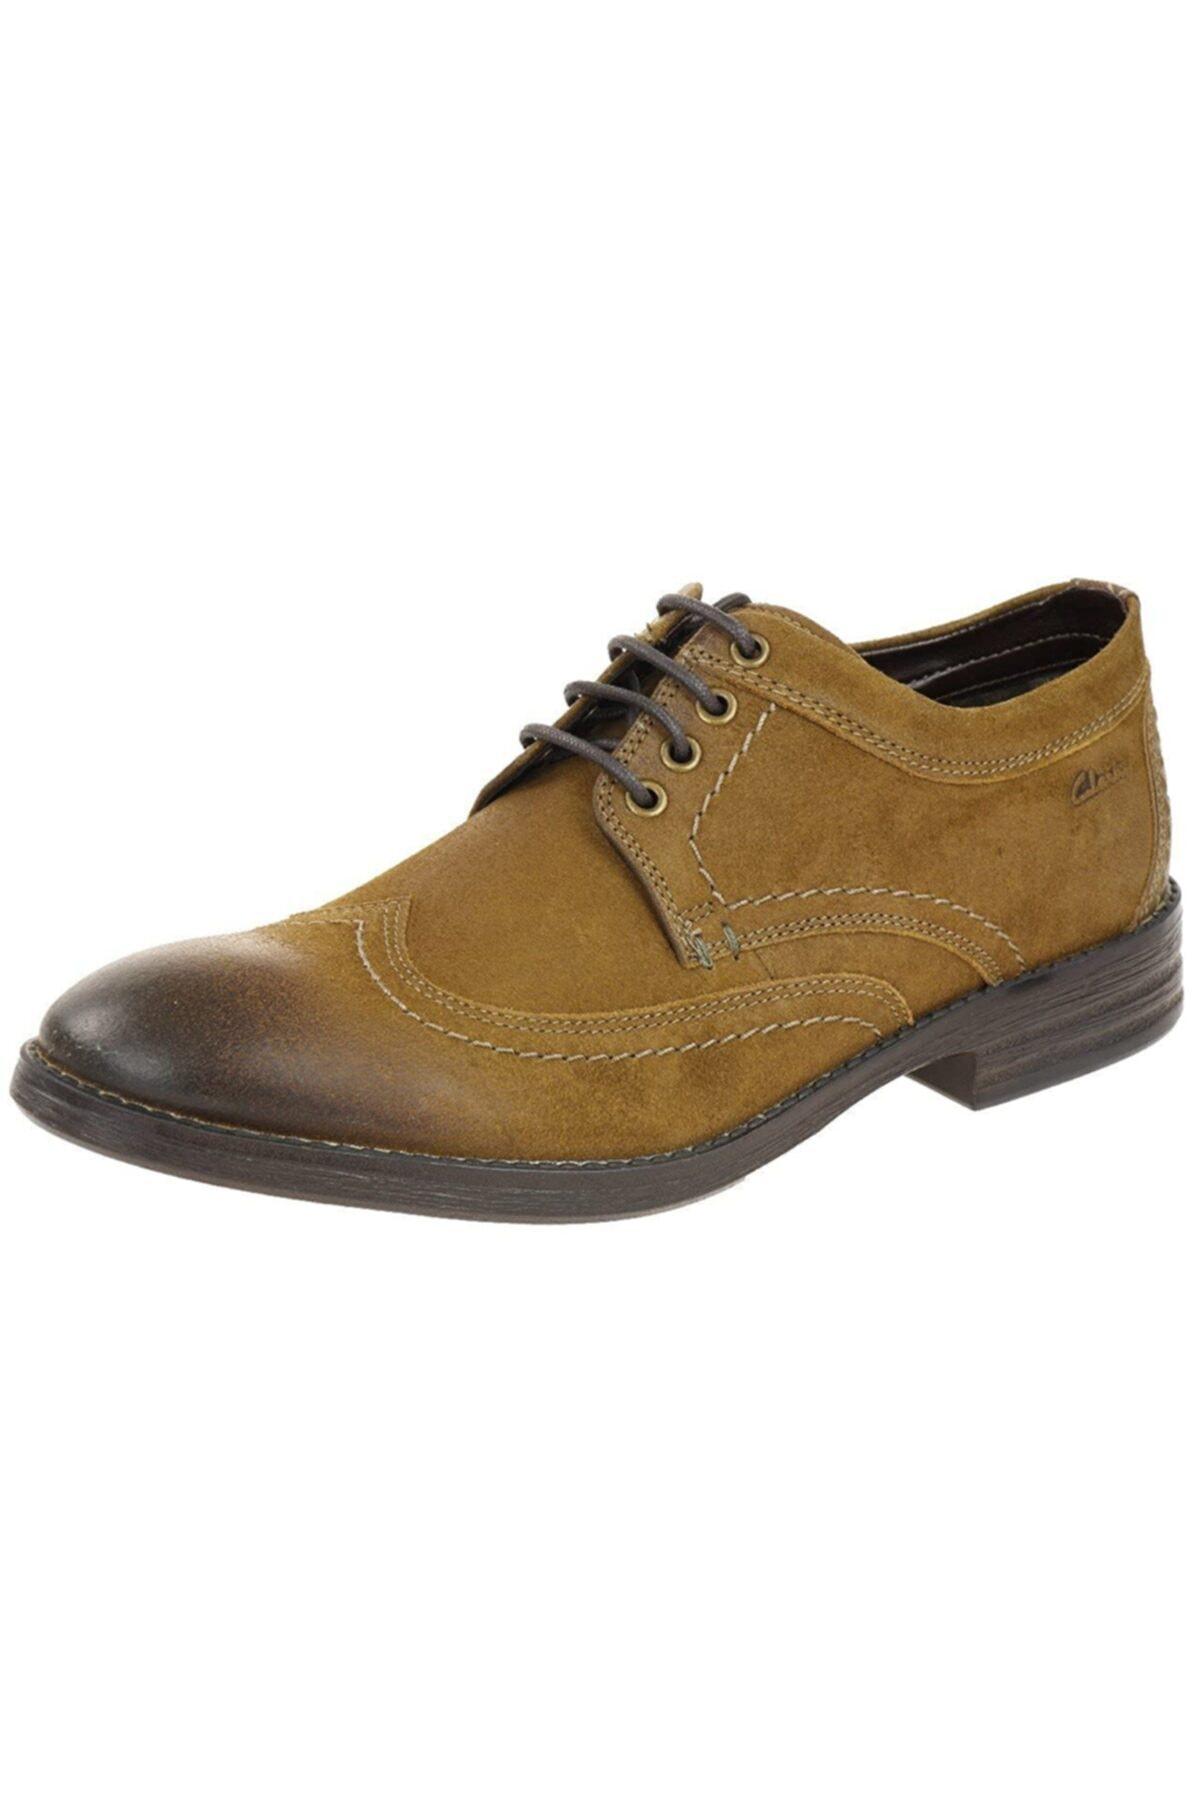 CLARKS Erkek Ayakkabı Büyük Ayaklar Için Şık Bir Seçim Delsin Limit 1